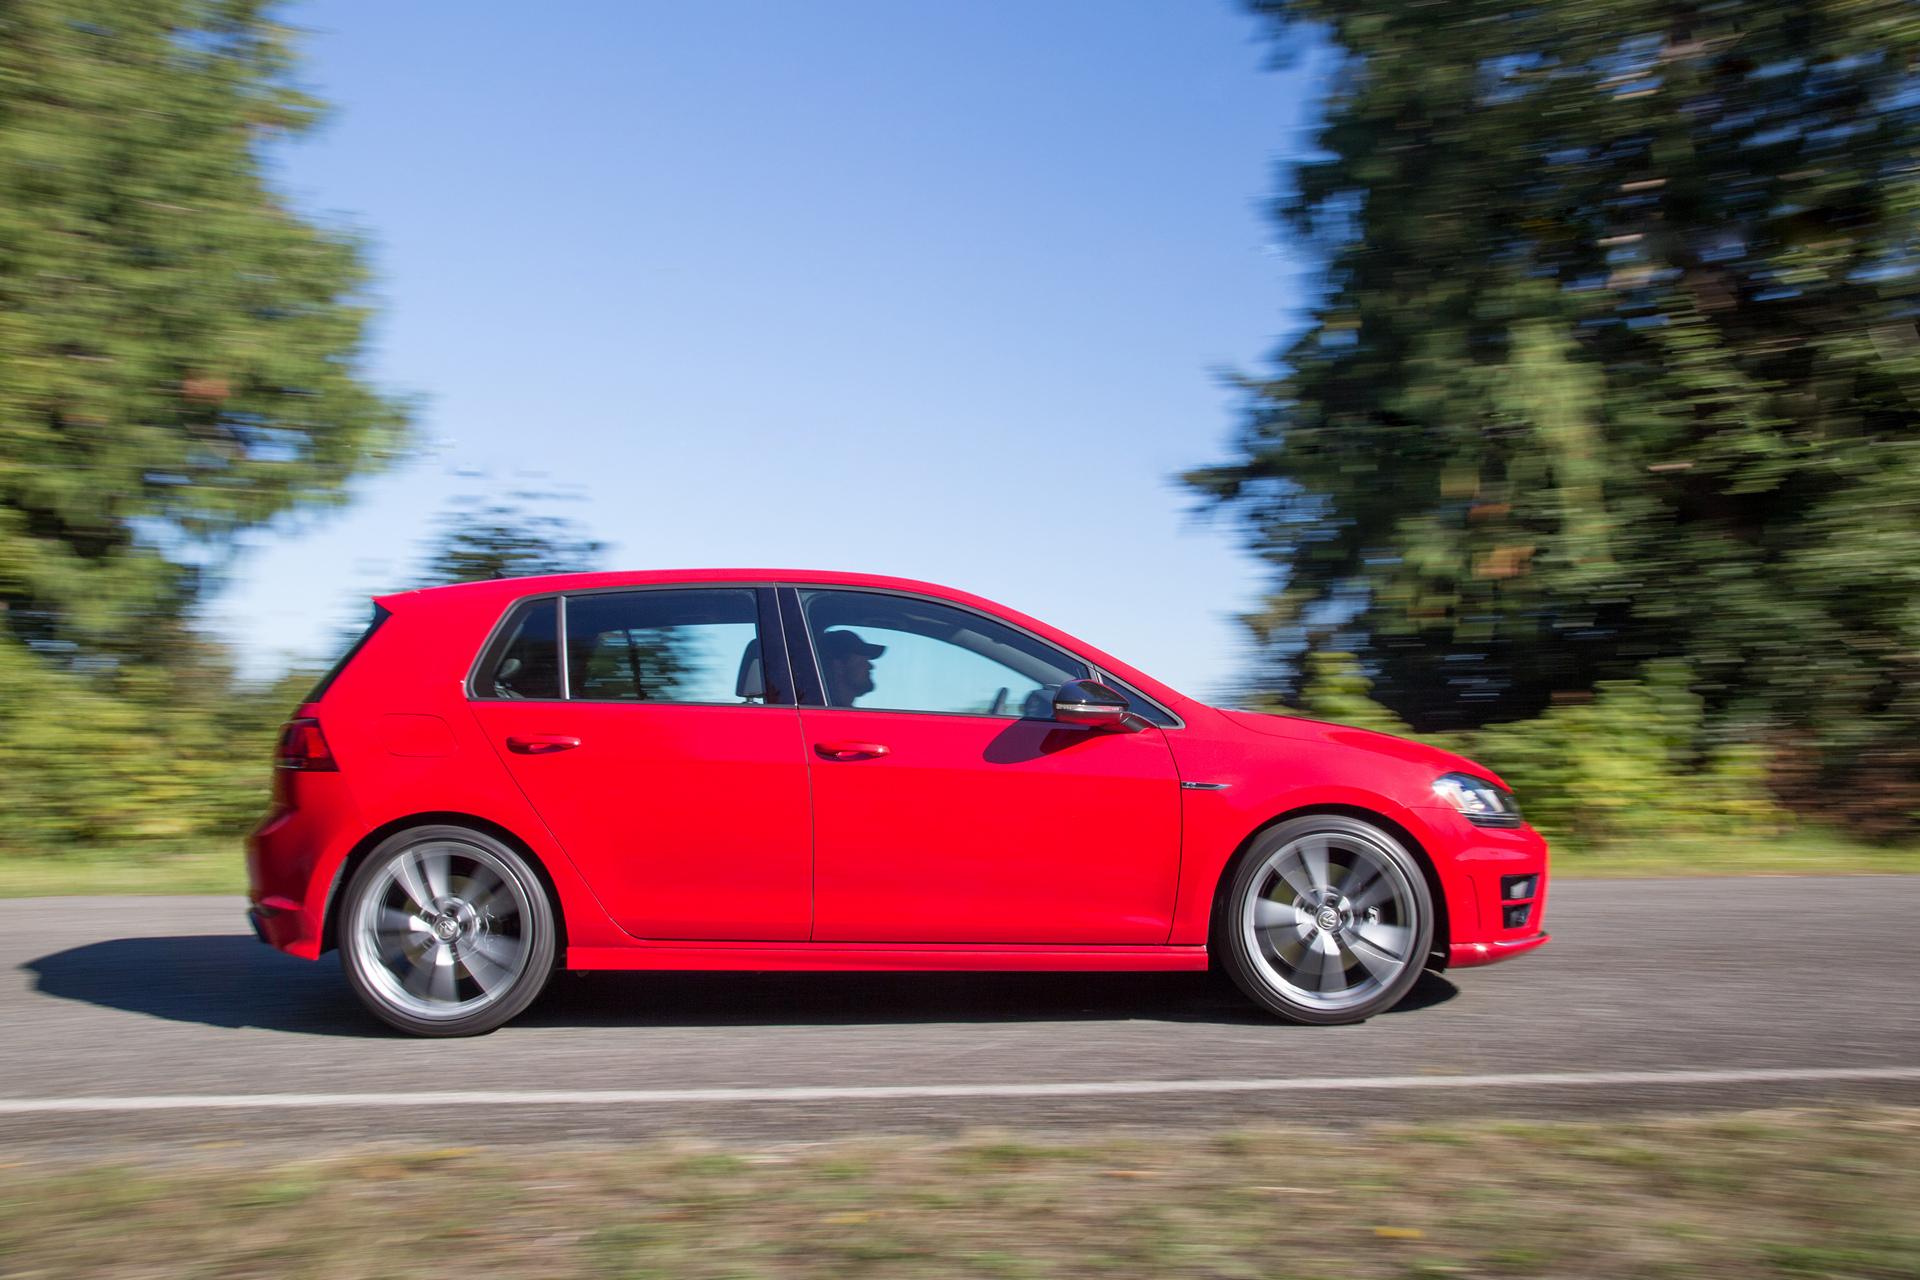 2017 Volkswagen Golf R © Volkswagen AG